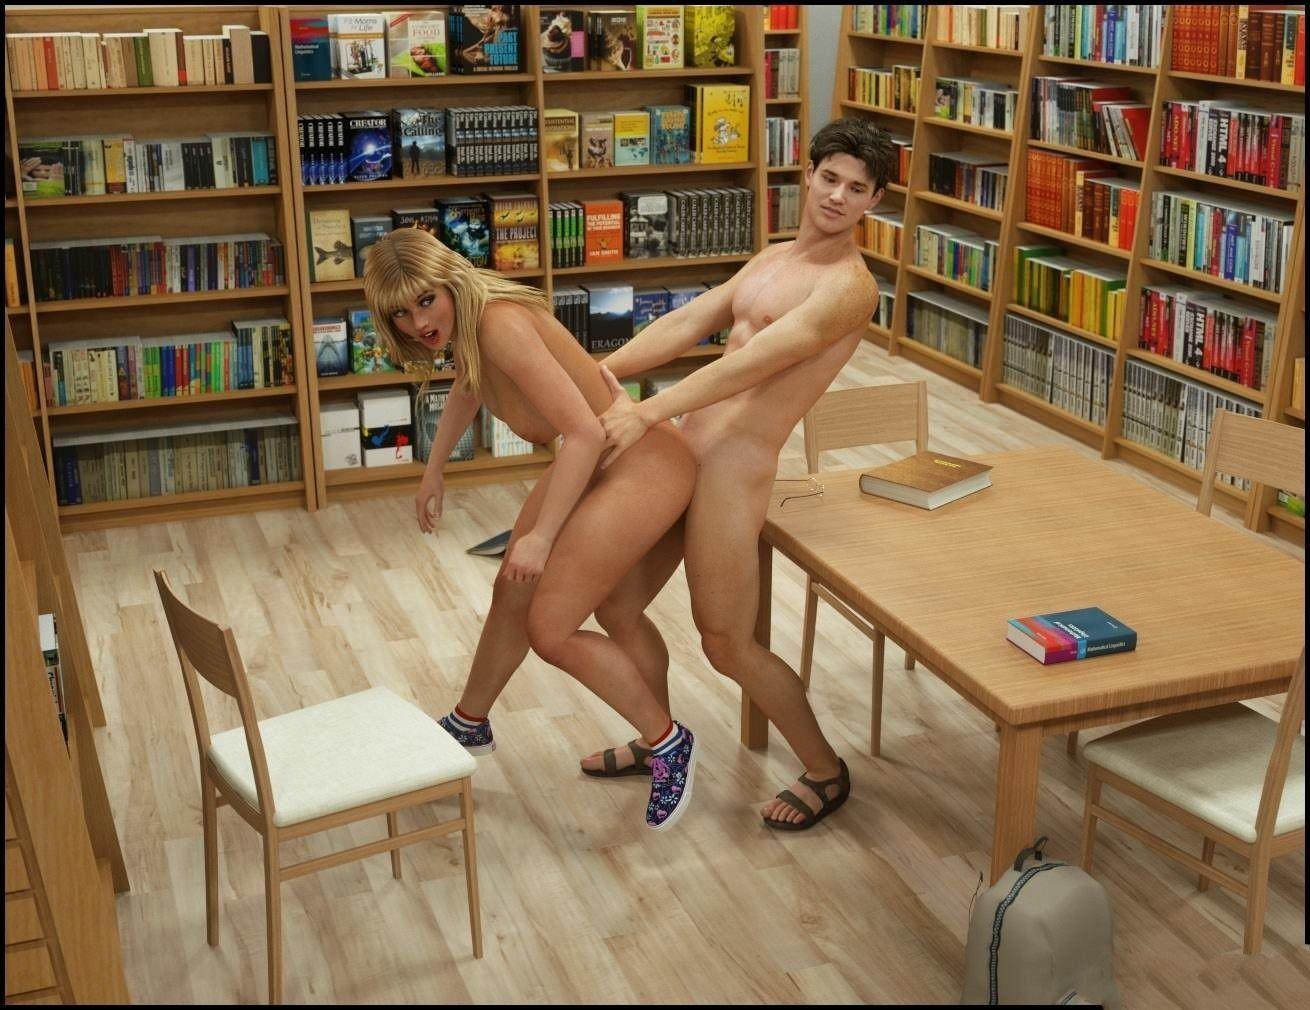 Скачать порно в библиотеки